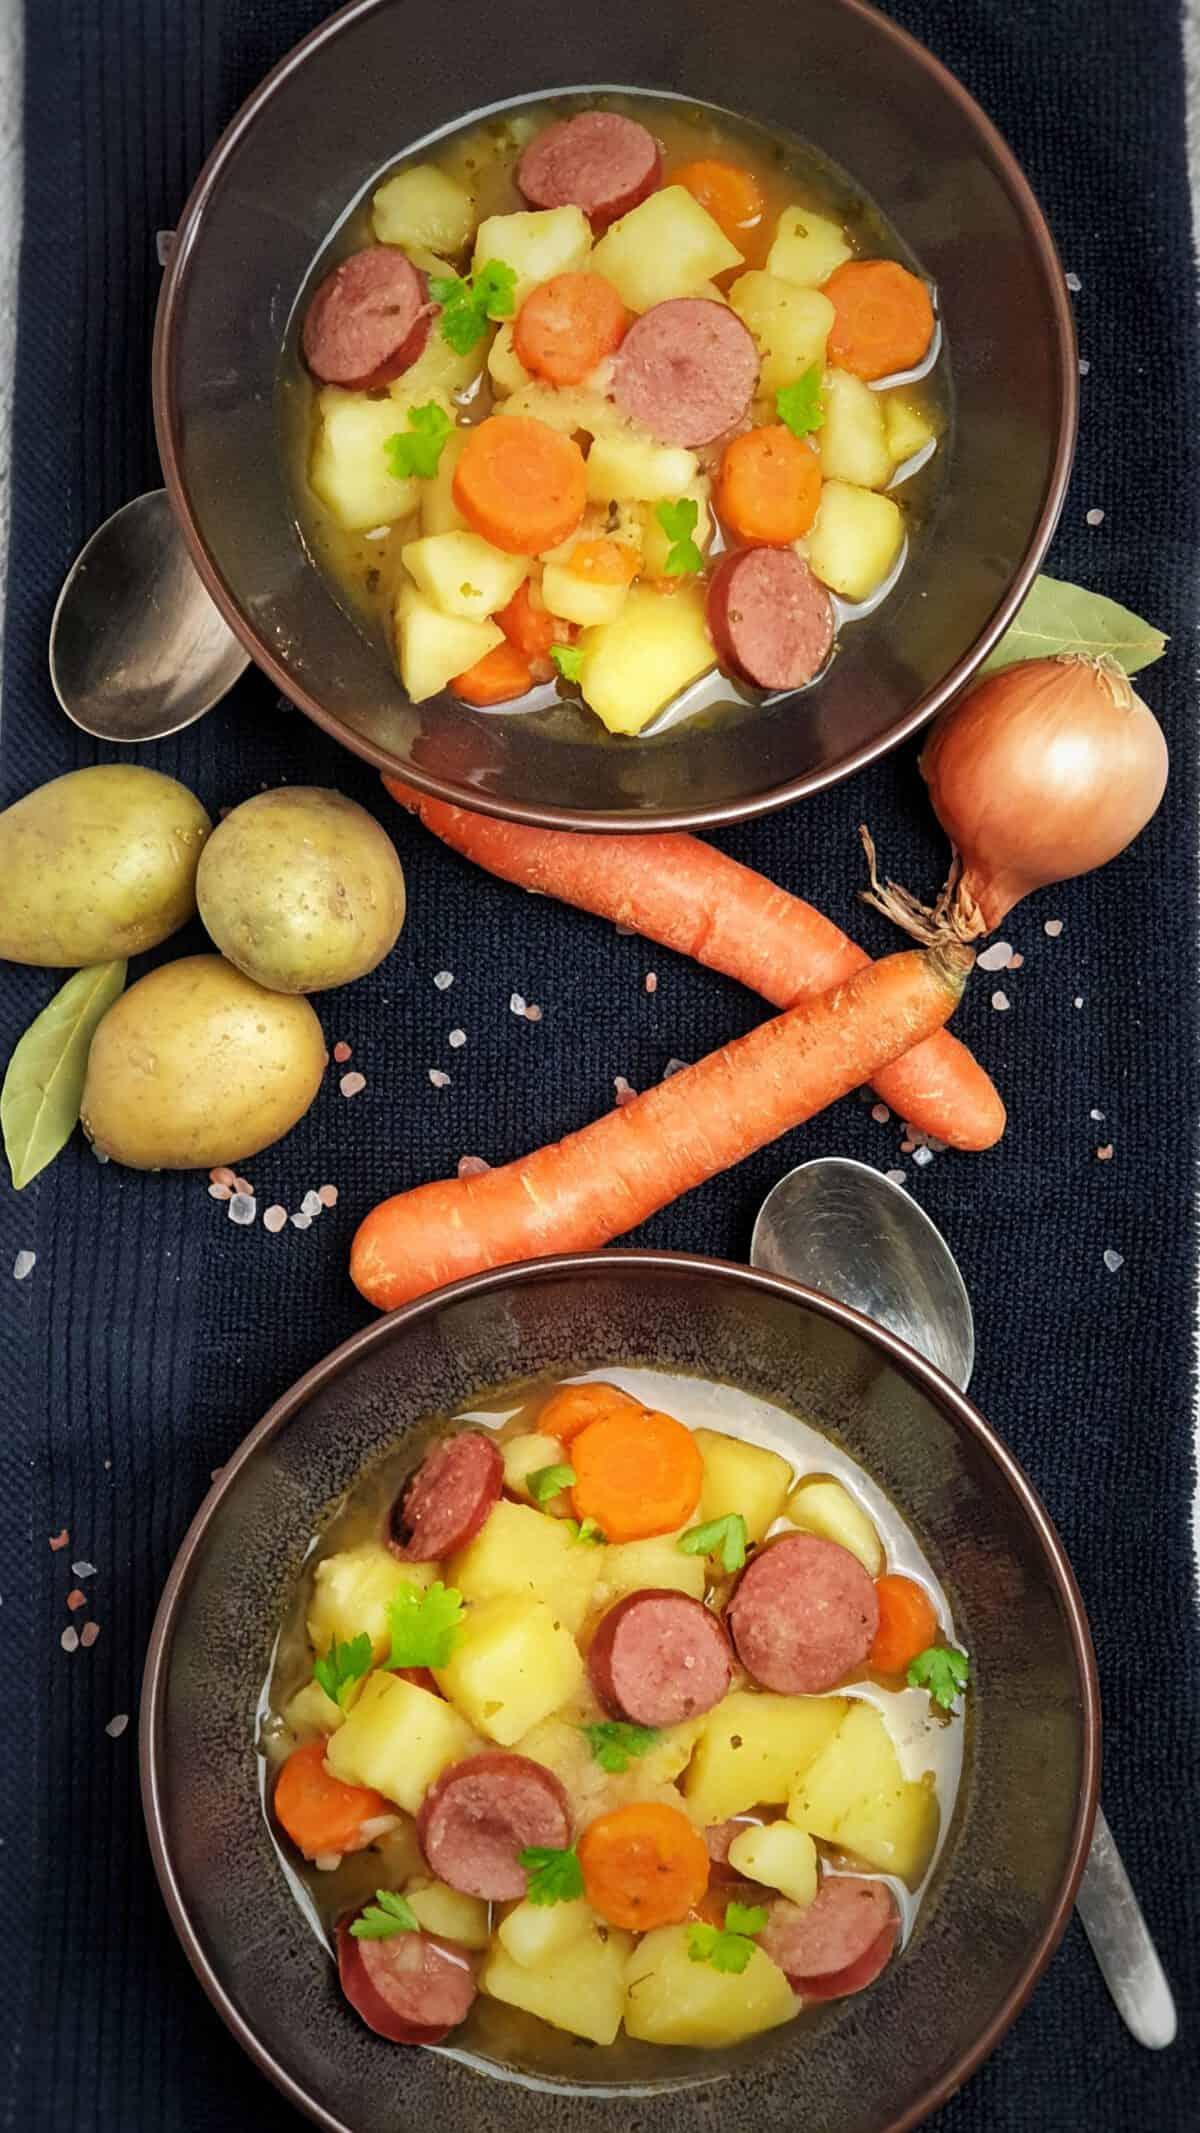 Zwei braune Schalen mit Kartoffel-Möhren-Eintopf mit Wurst auf einem Küchenhandtuch. Dazwischen Deko. Neben den Schalen Löffel.